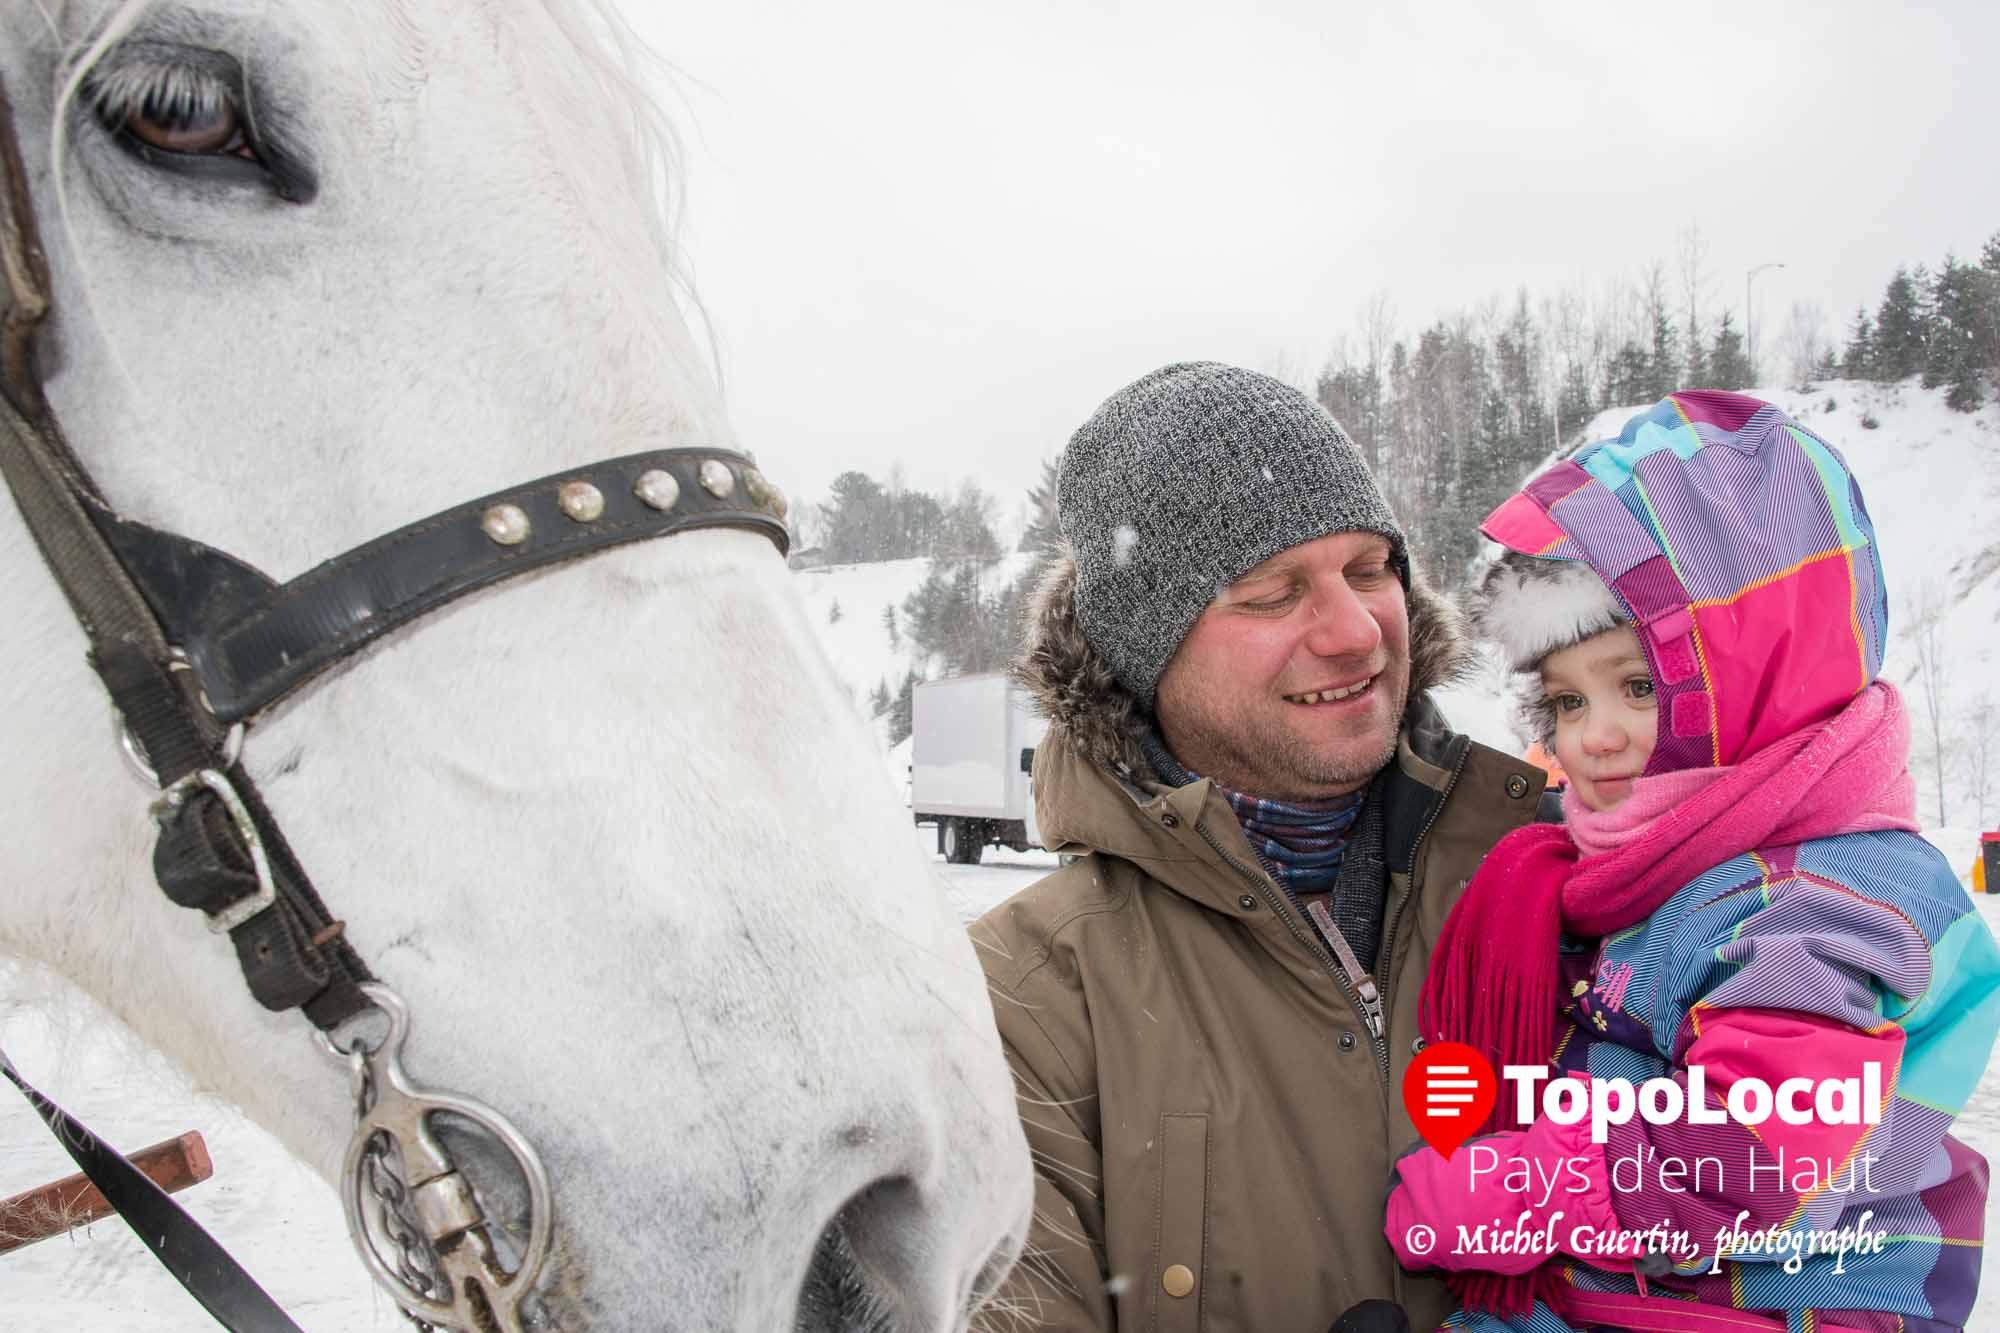 La jeune Justine accompagnée de son papa Stéphane Brosseau en a profité pour voir de près le cheval qui faisait des tours de sleigh aux gens. Justine et son papa sont des villégiateurs originaires de Candiac sur la rive-sud.